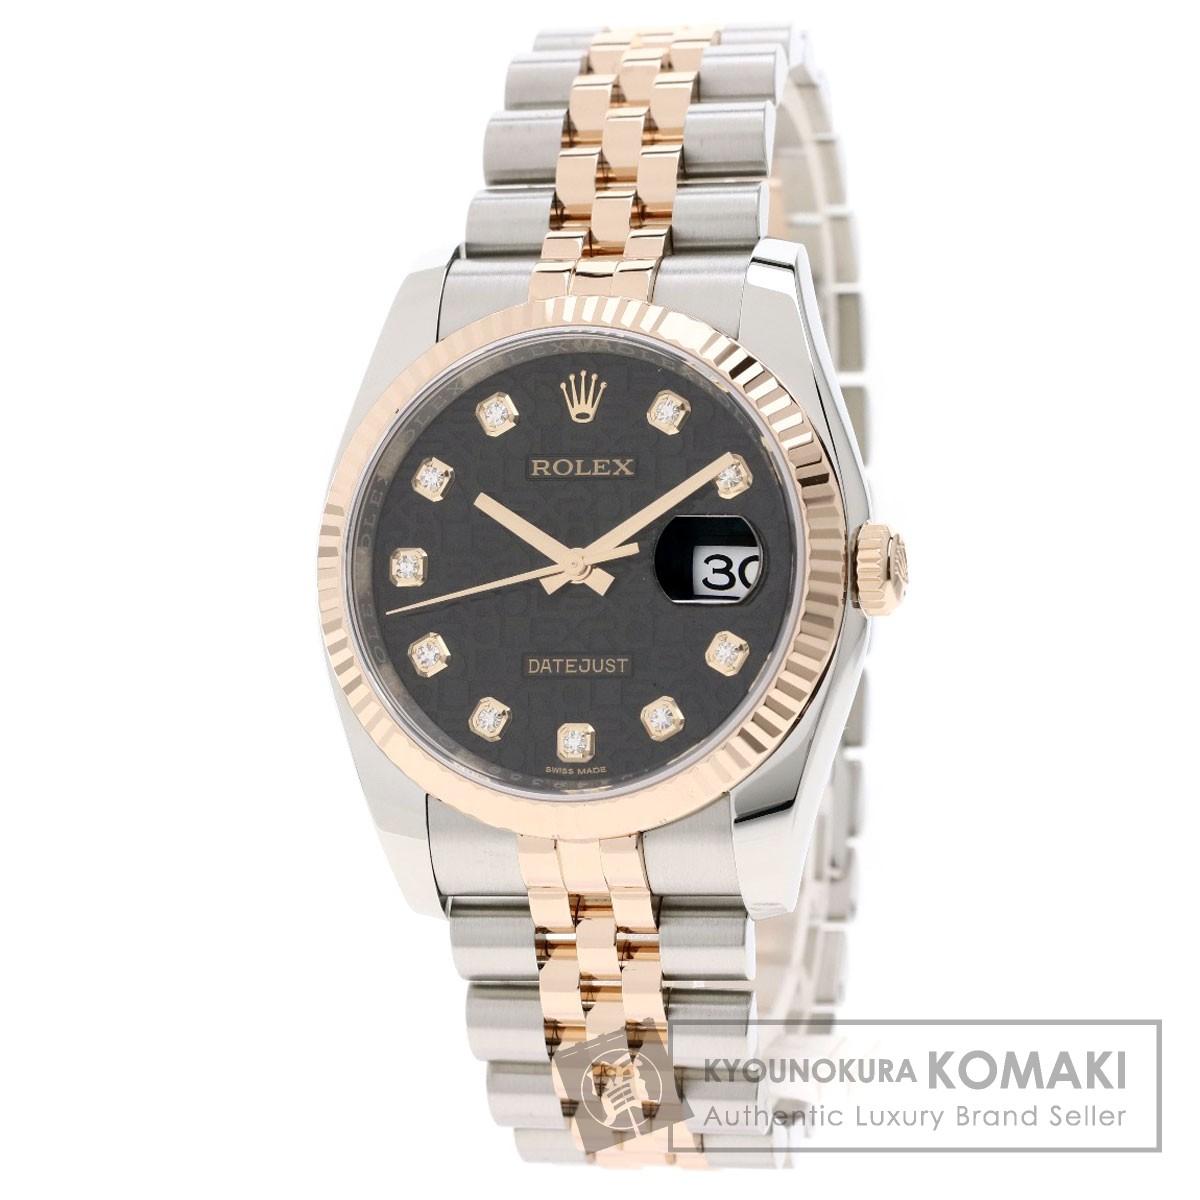 ロレックス 116231G デイトジャスト 10Pダイヤモンド 腕時計 ステンレススチール/SSxK18PG/K18PG メンズ 【中古】【ROLEX】